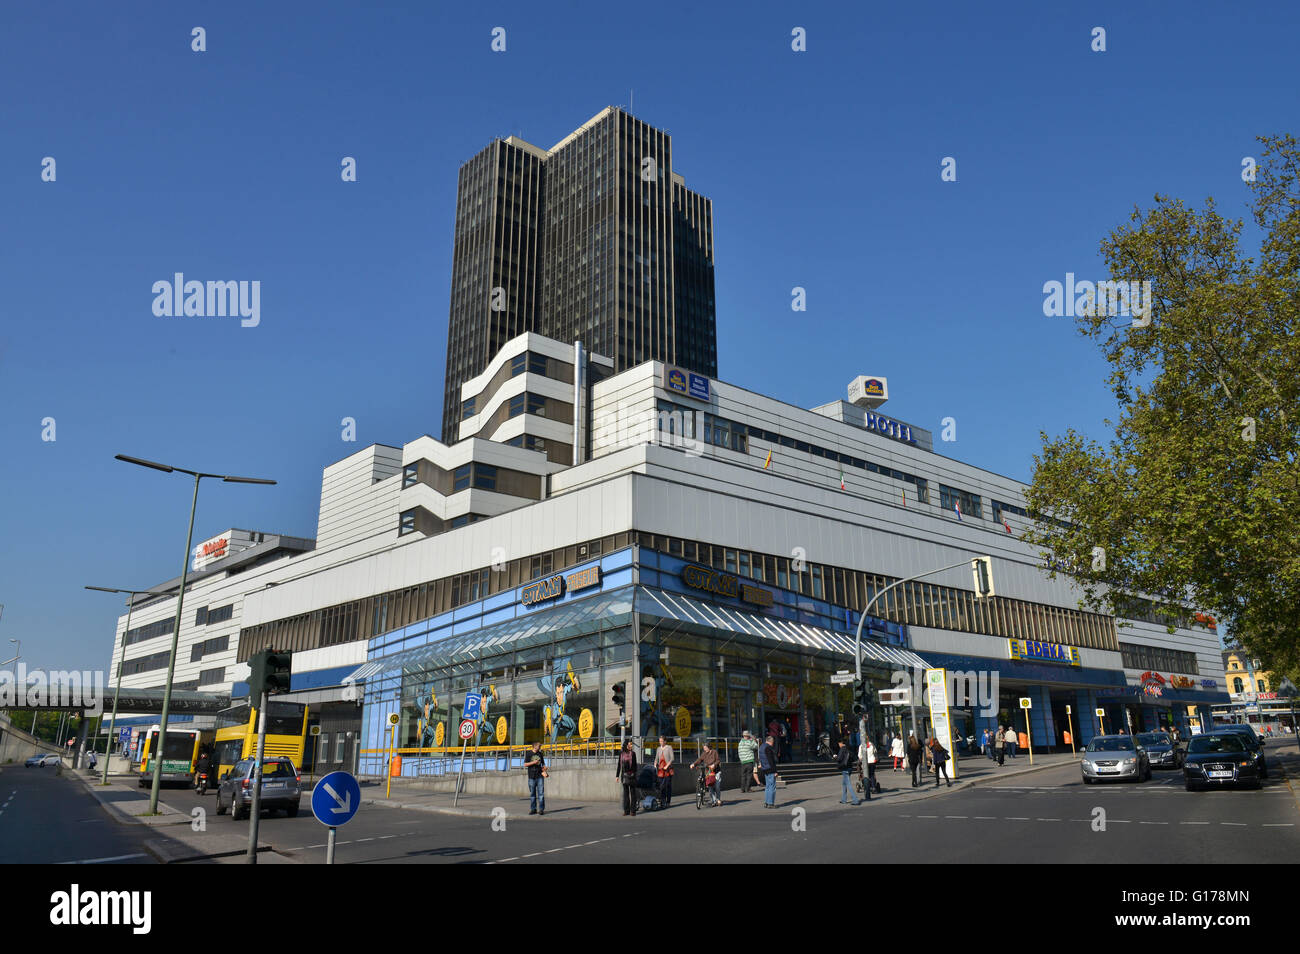 Hochhaus Steglitzer Kreisel, Schlossstrasse, Steglitz, Berlin, Deutschland - Stock Image